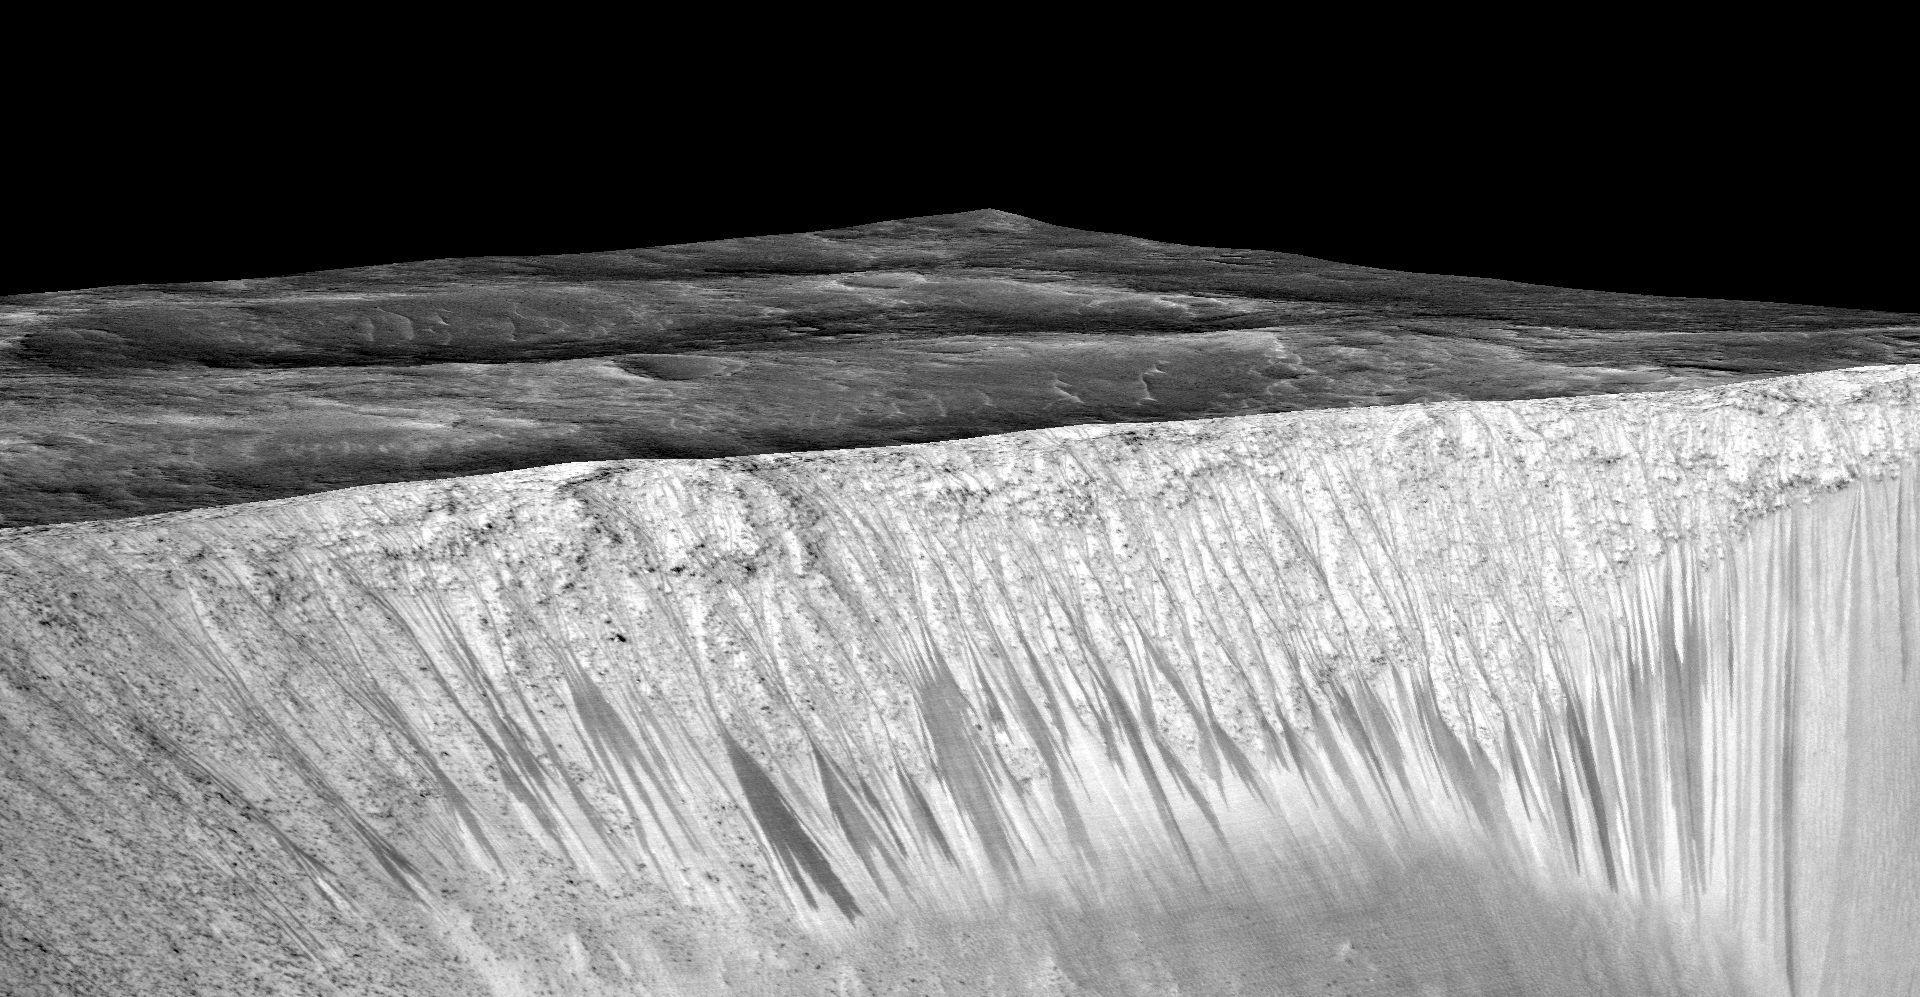 Ученые усомнились вналичии жидкой воды наМарсе